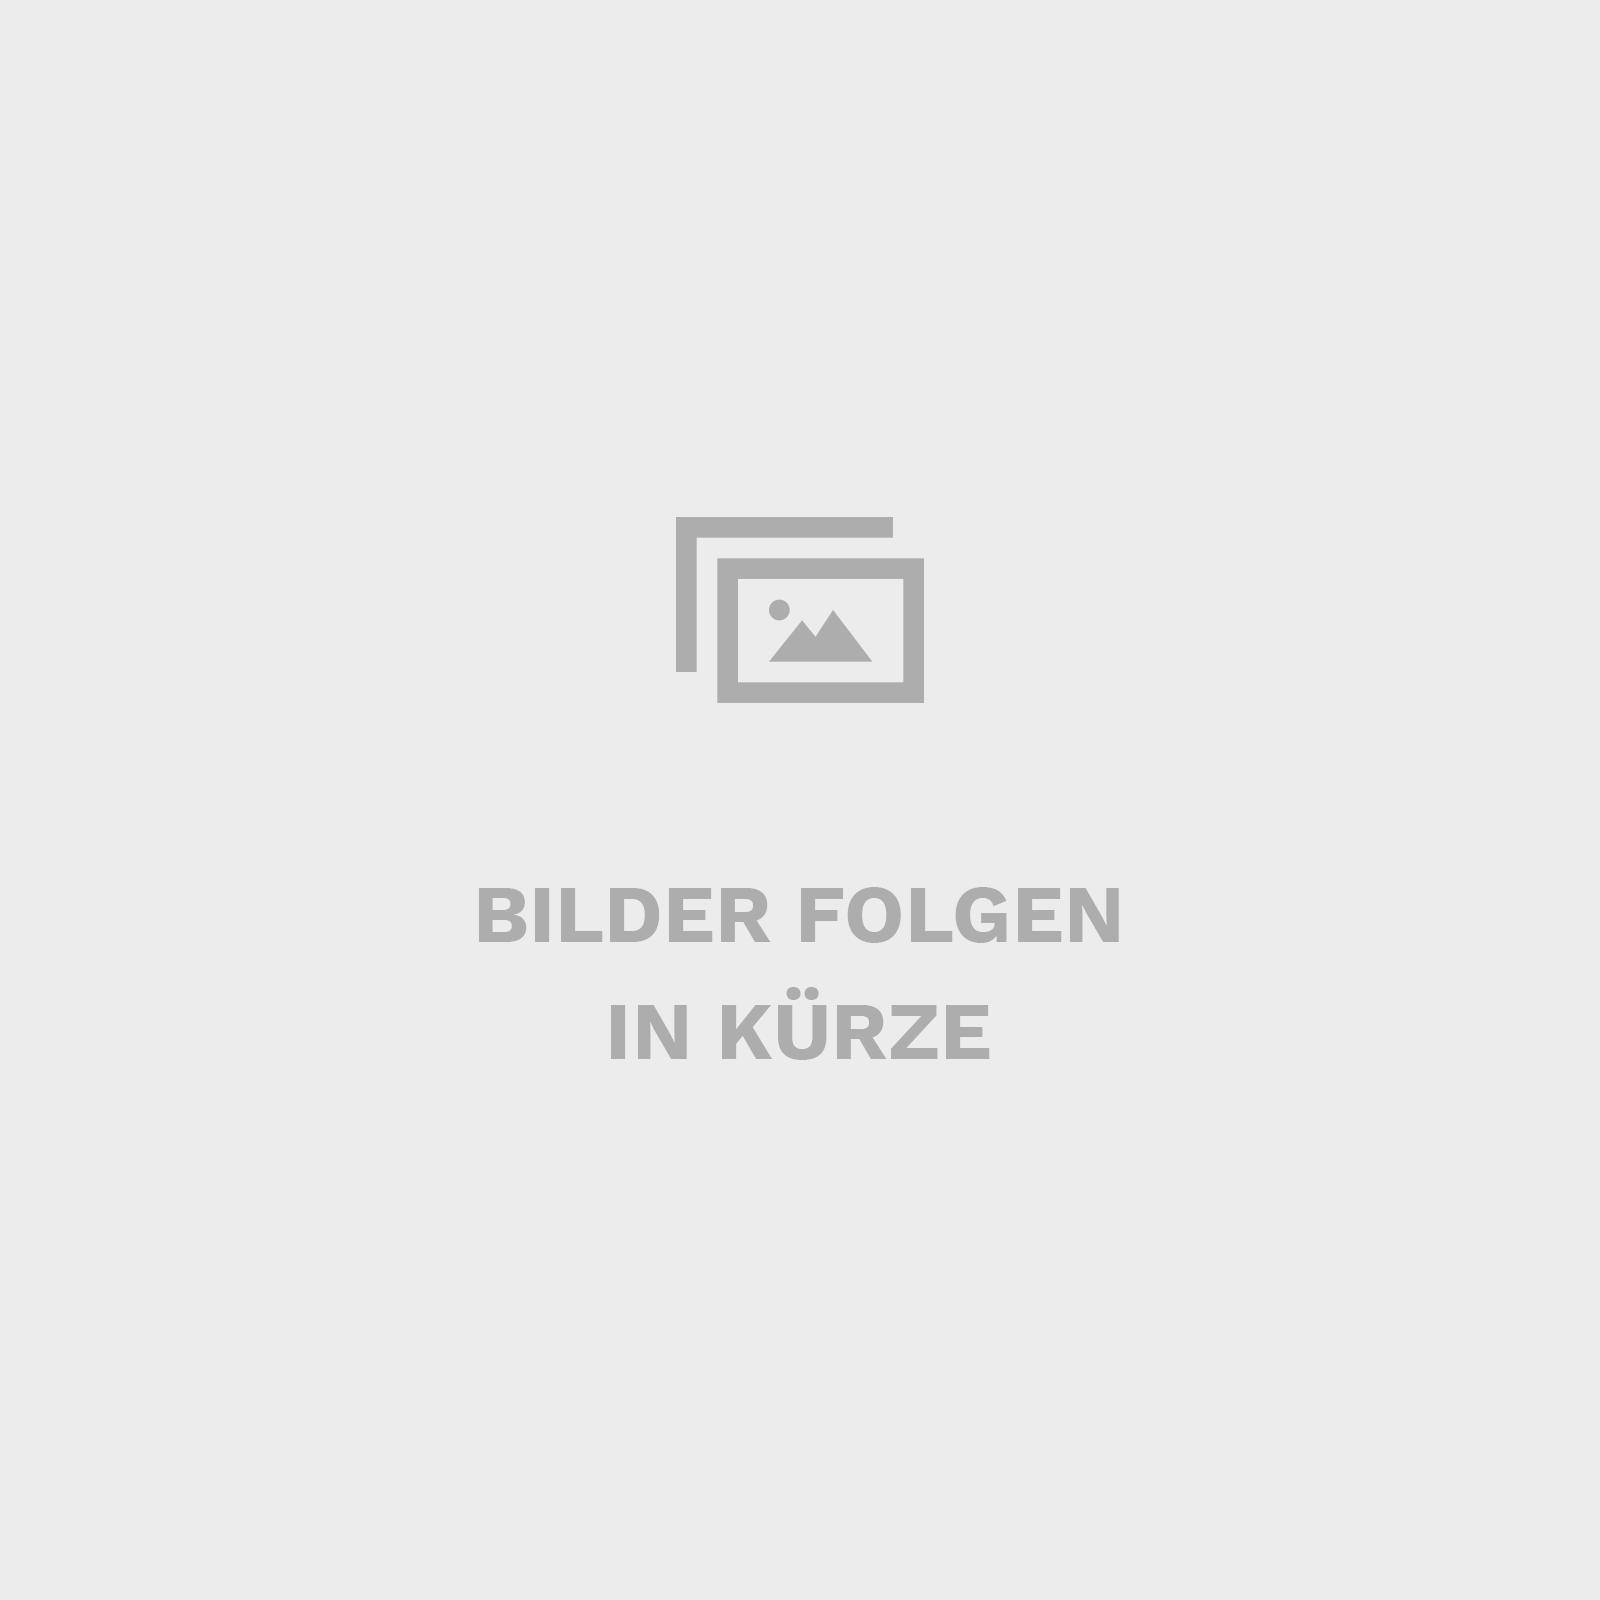 Prop Light Wall & Prop Light Wall Round